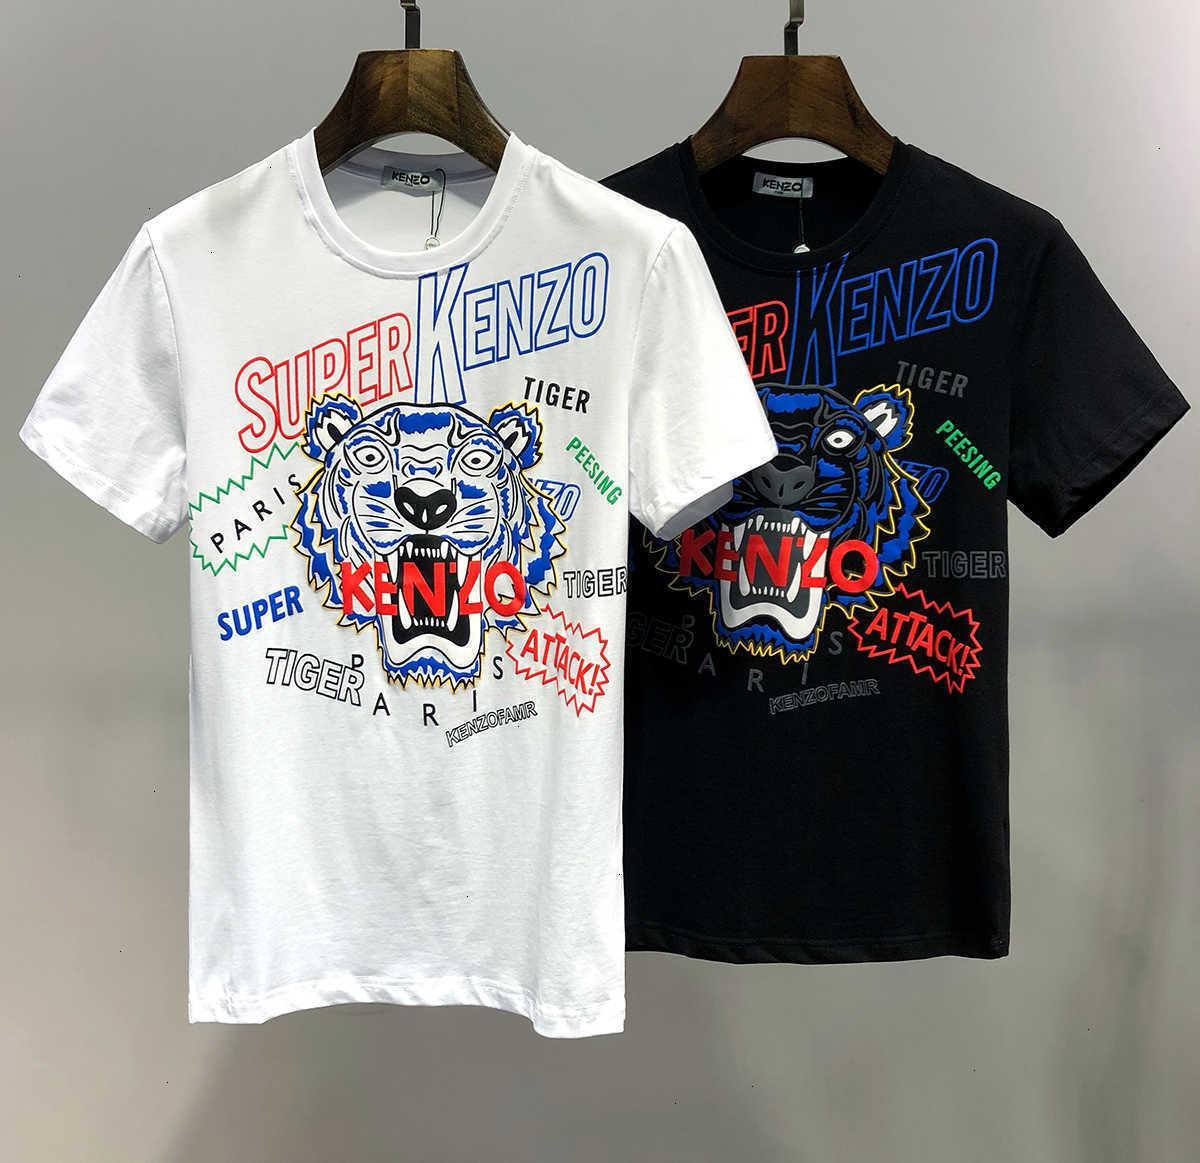 Herren T-Shirt Art und Weise beiläufige Tendenz der Größe M-3XL Komfortable atmungs WSJ042 # 111544kaiyi529